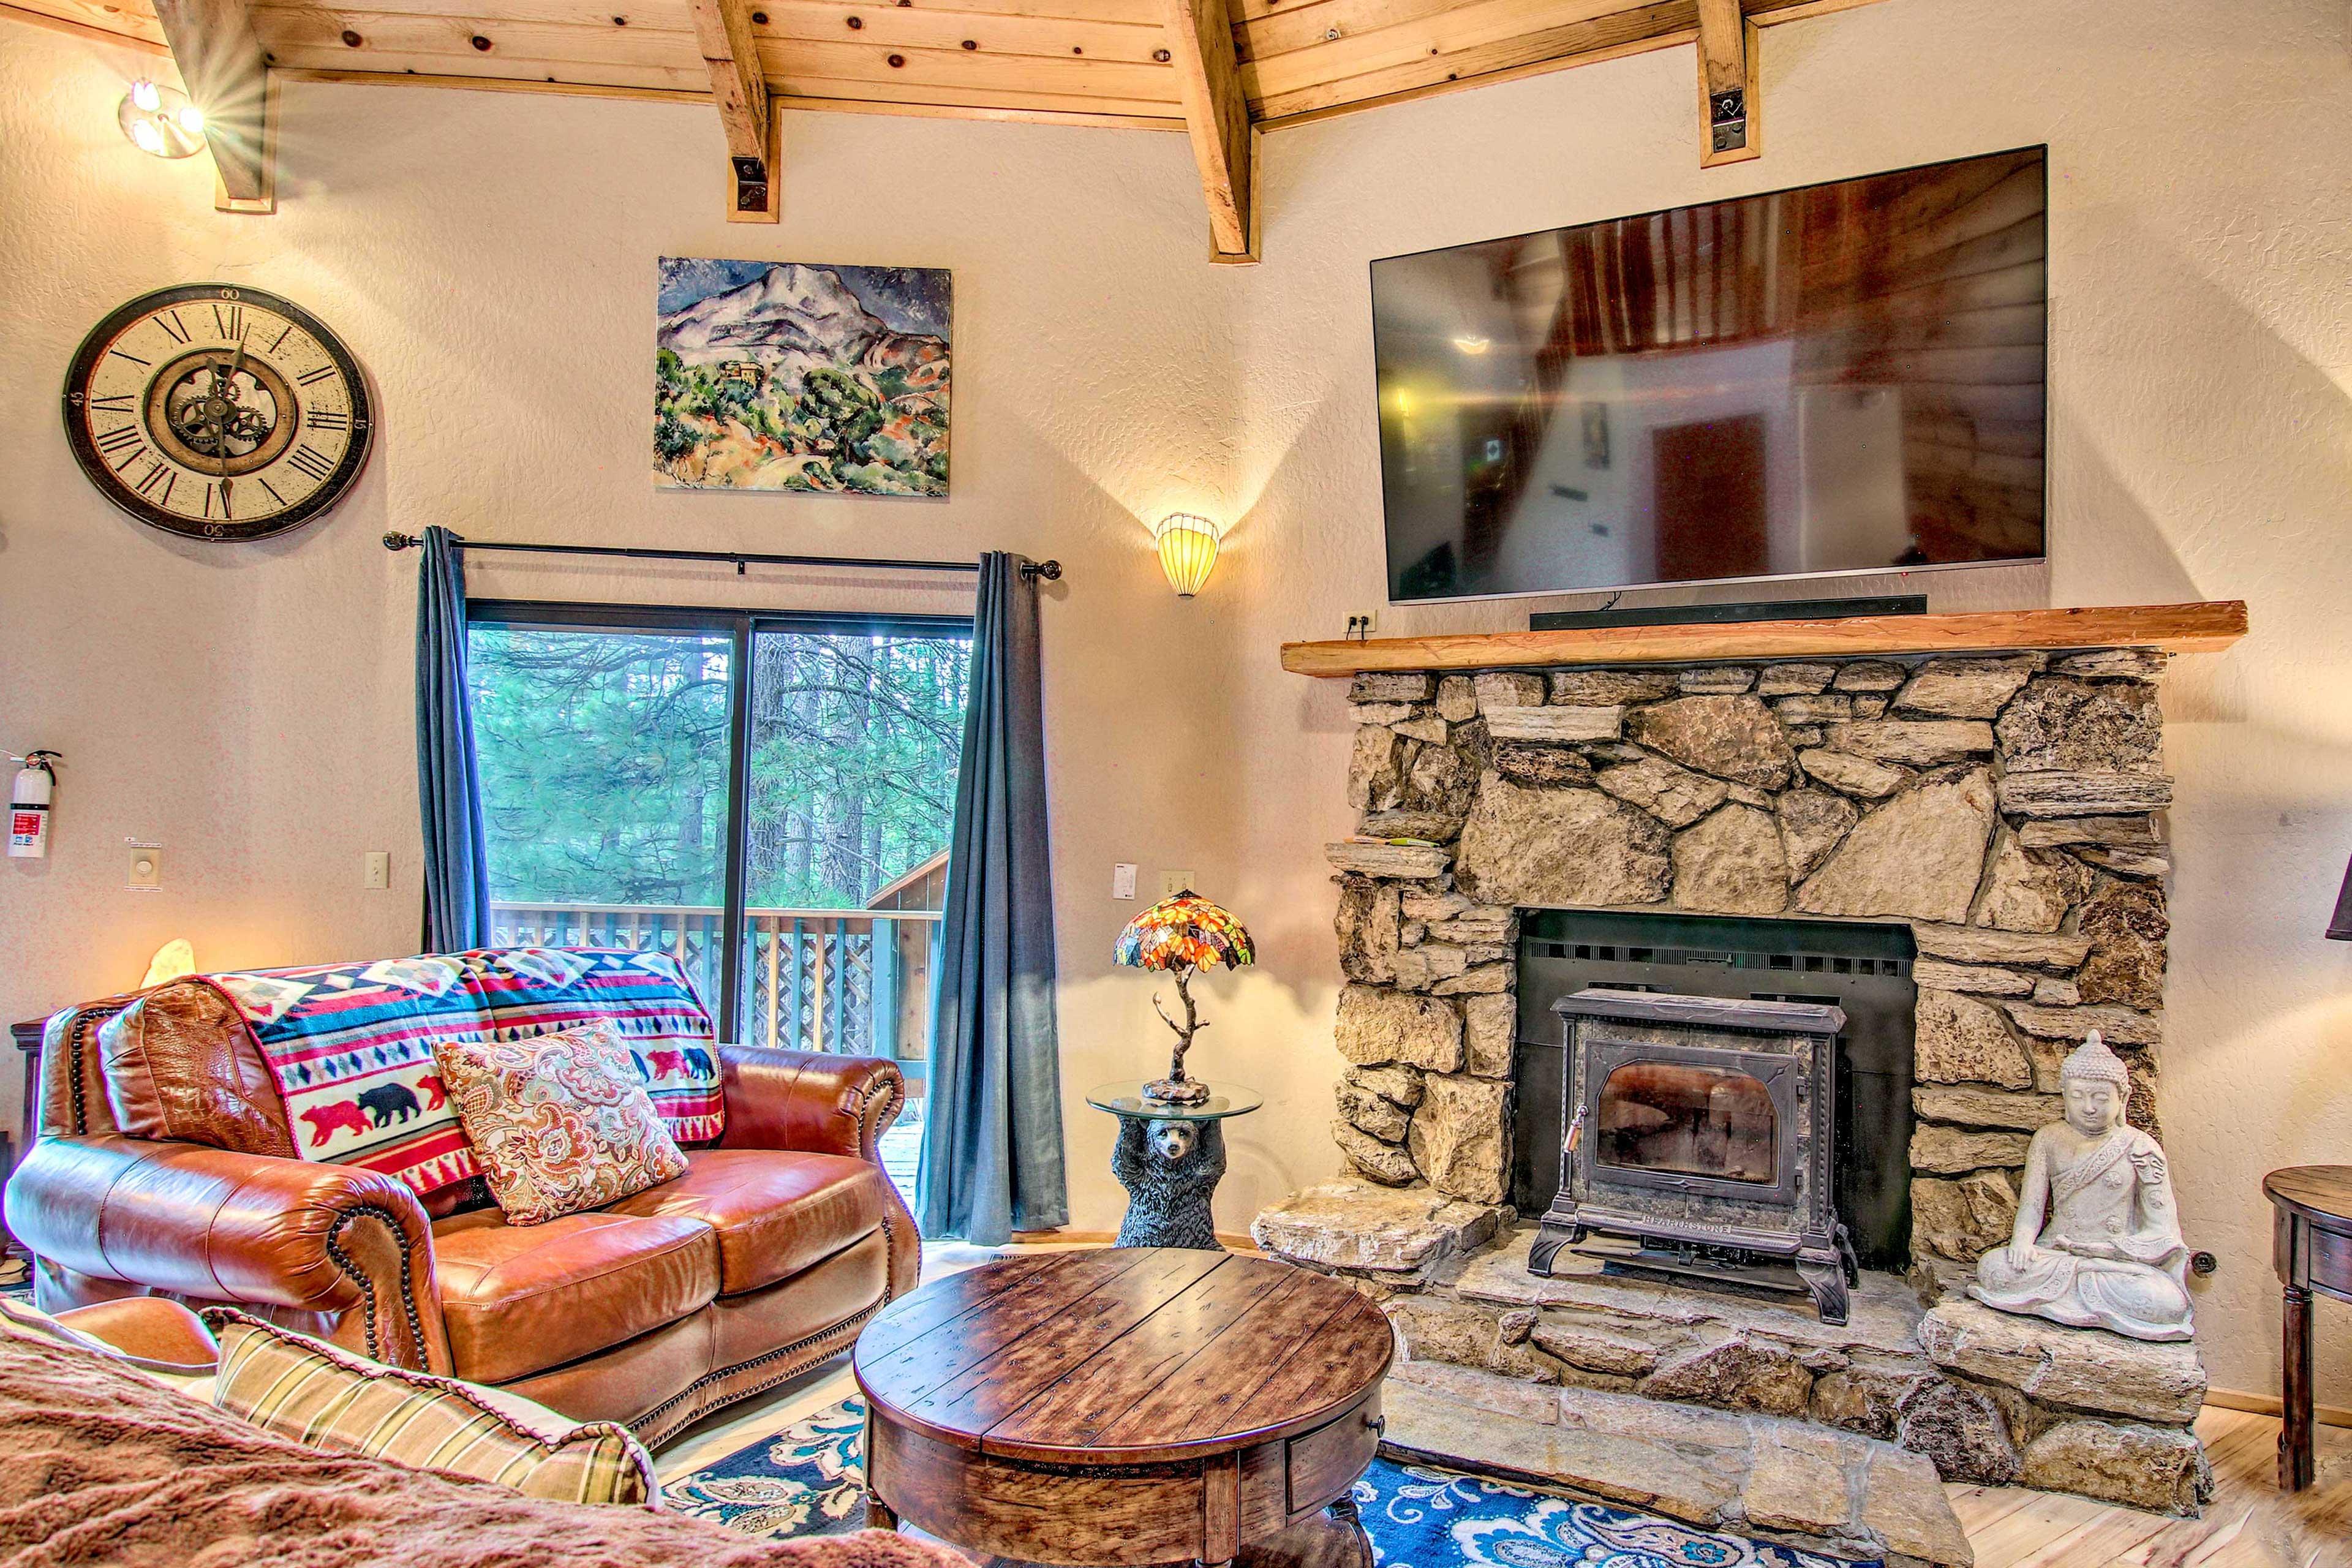 Bring along 8 to explore Lake Tahoe at this cozy vacation rental!